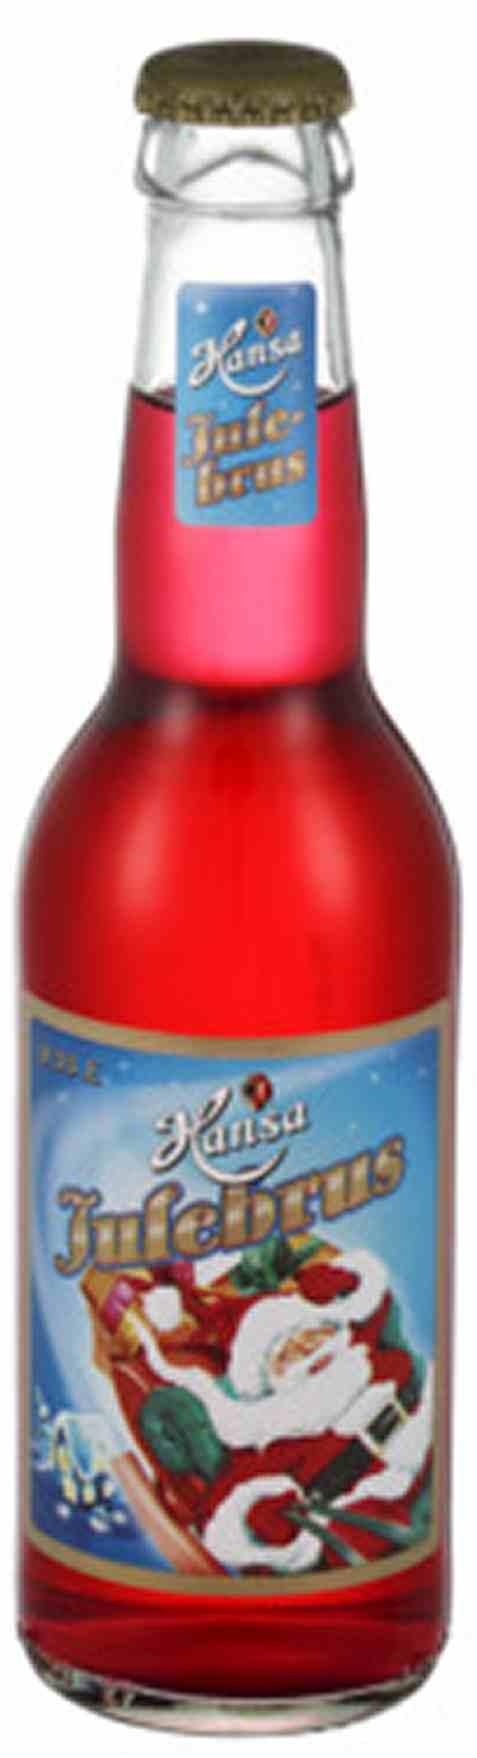 Bilde av Hansa julebrus 0,33l flaske.